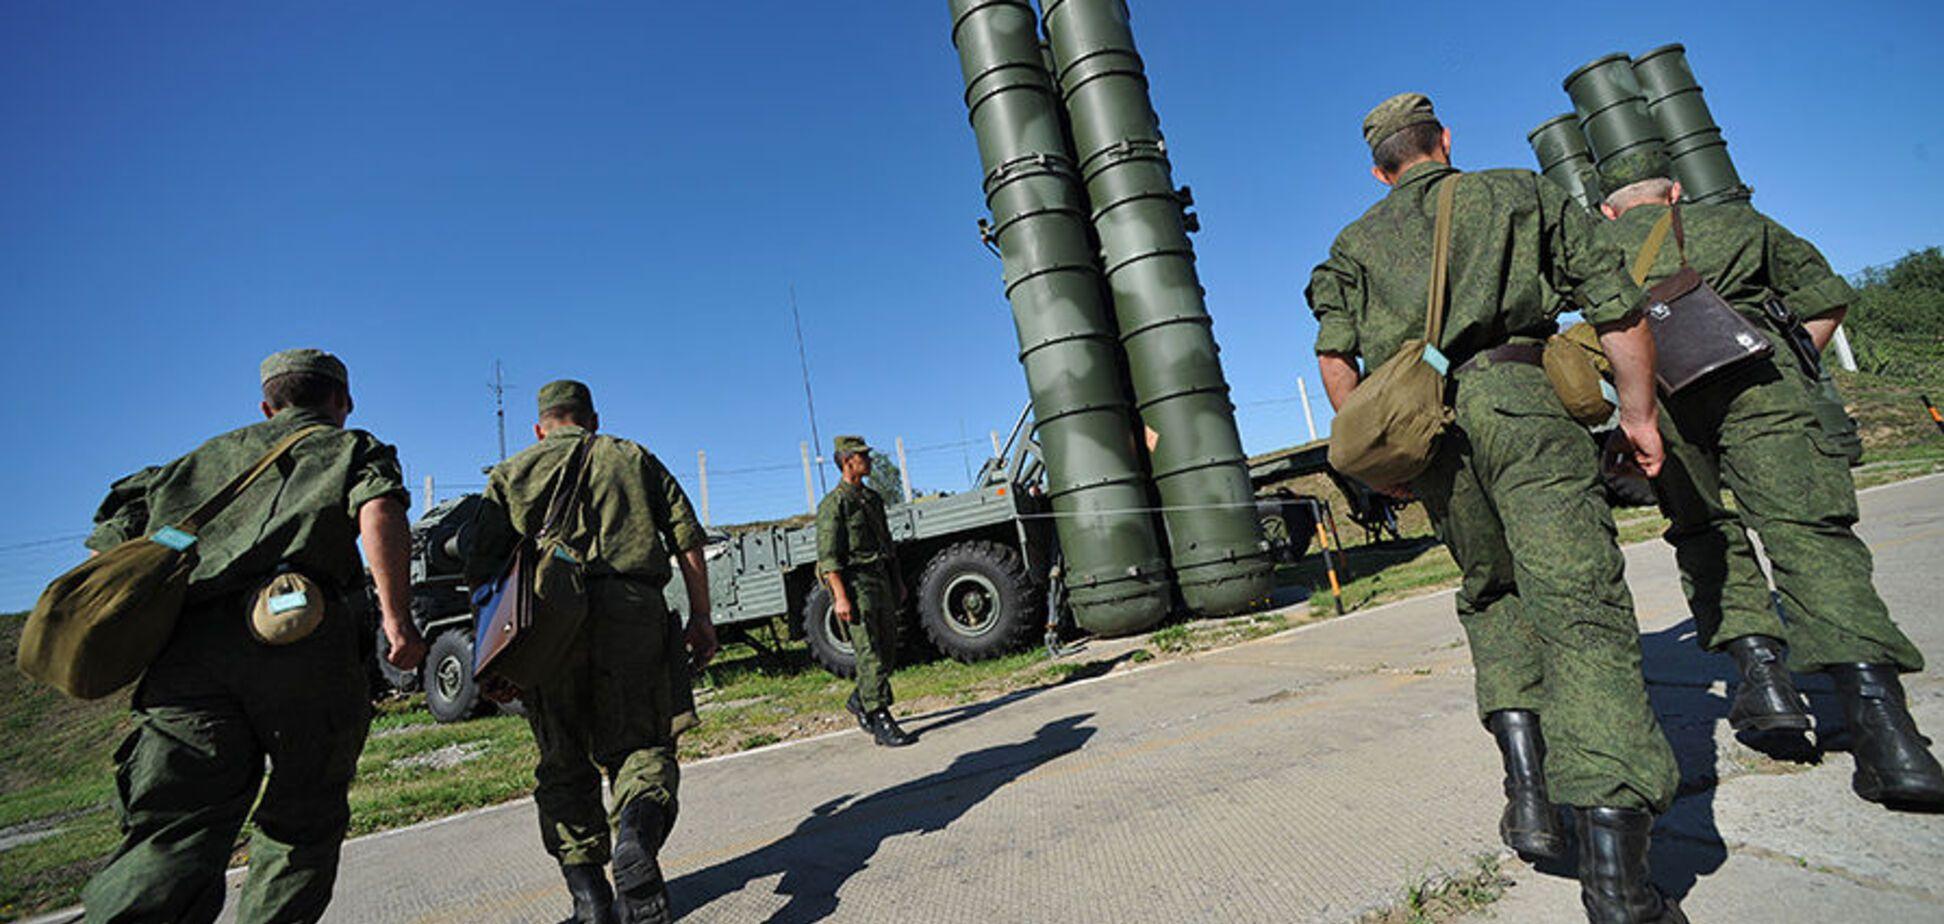 'Несет угрозу': в Украине пояснили переброску ракетного комплекса РФ в Крым